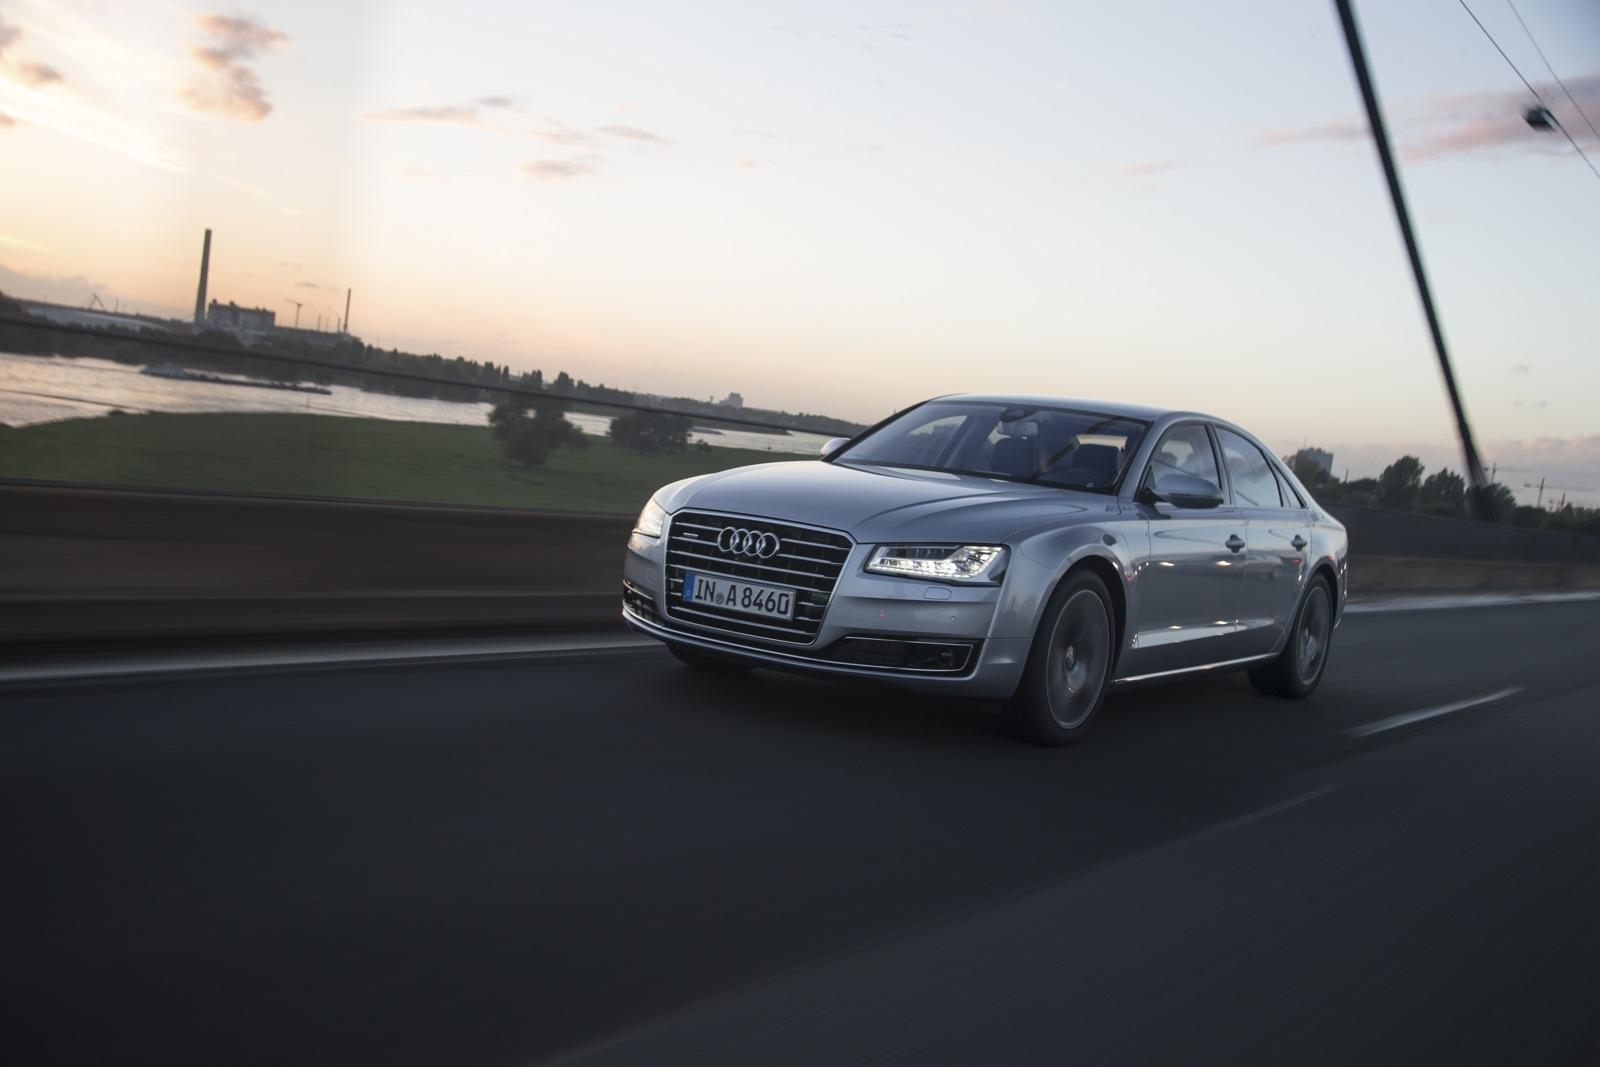 2013 drive-my.com